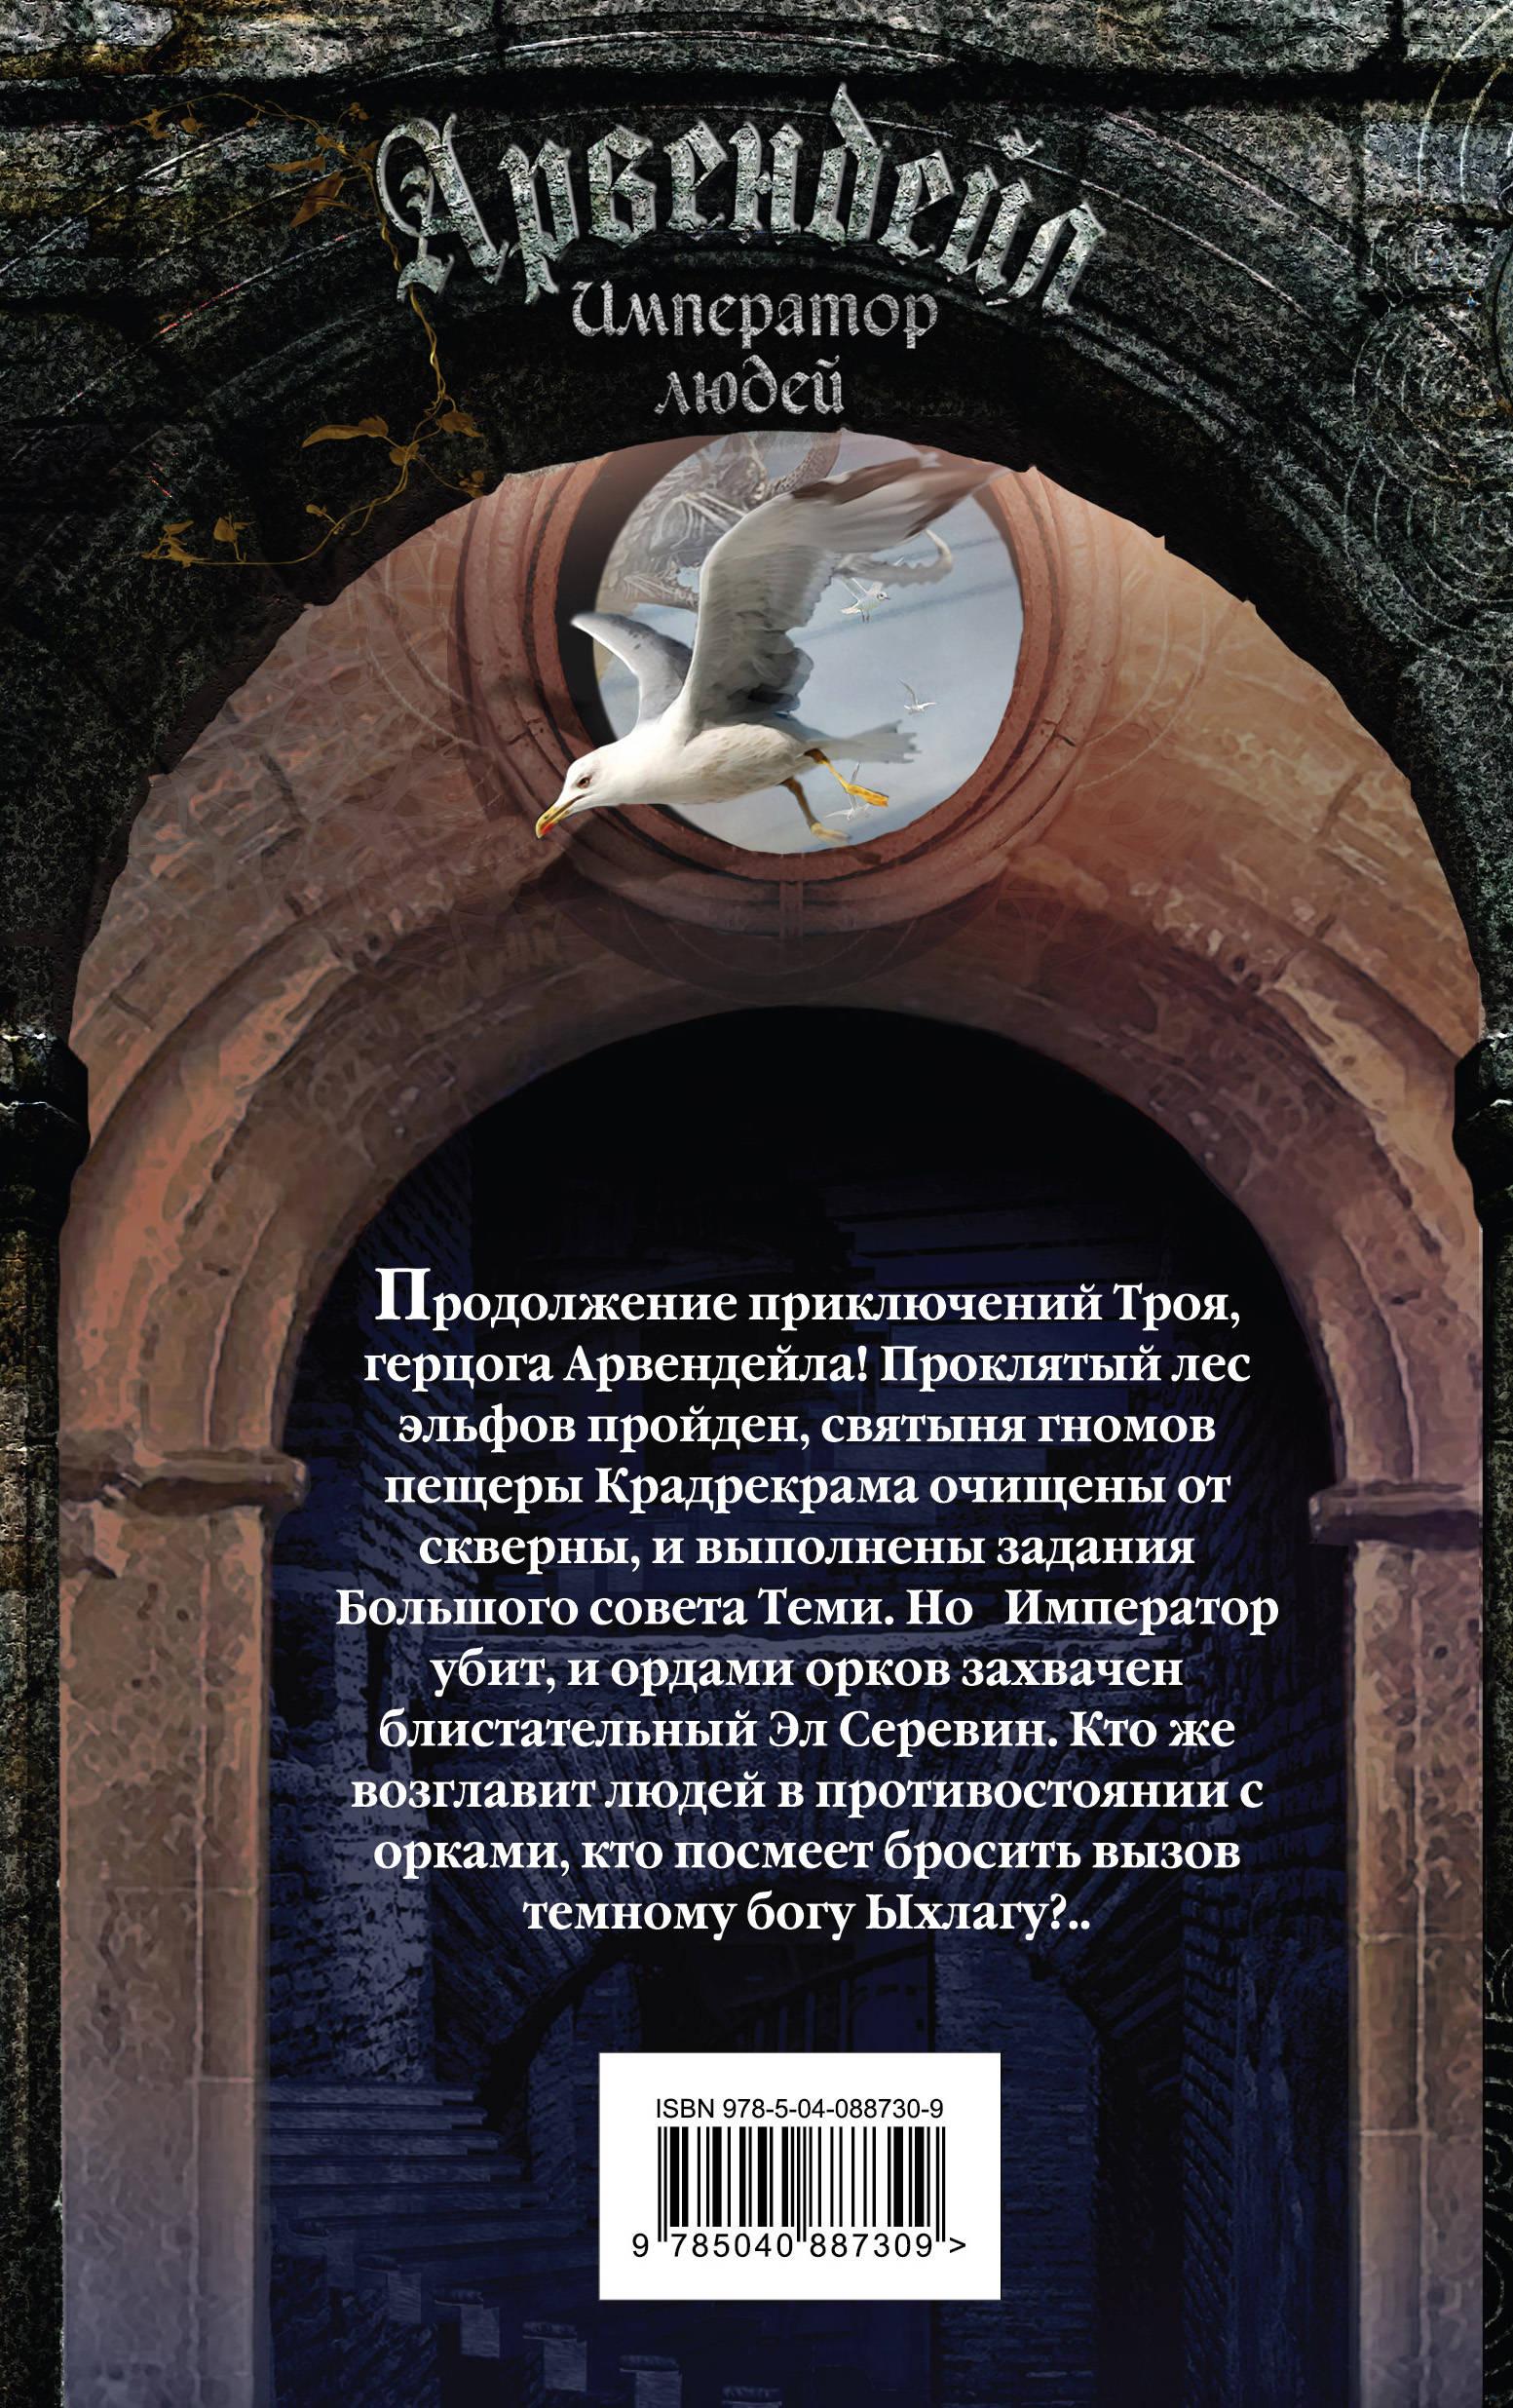 ГЕРЦОГ АРВЕНДЕЙЛ ИМПЕРАТОР ЛЮДЕЙ СКАЧАТЬ БЕСПЛАТНО